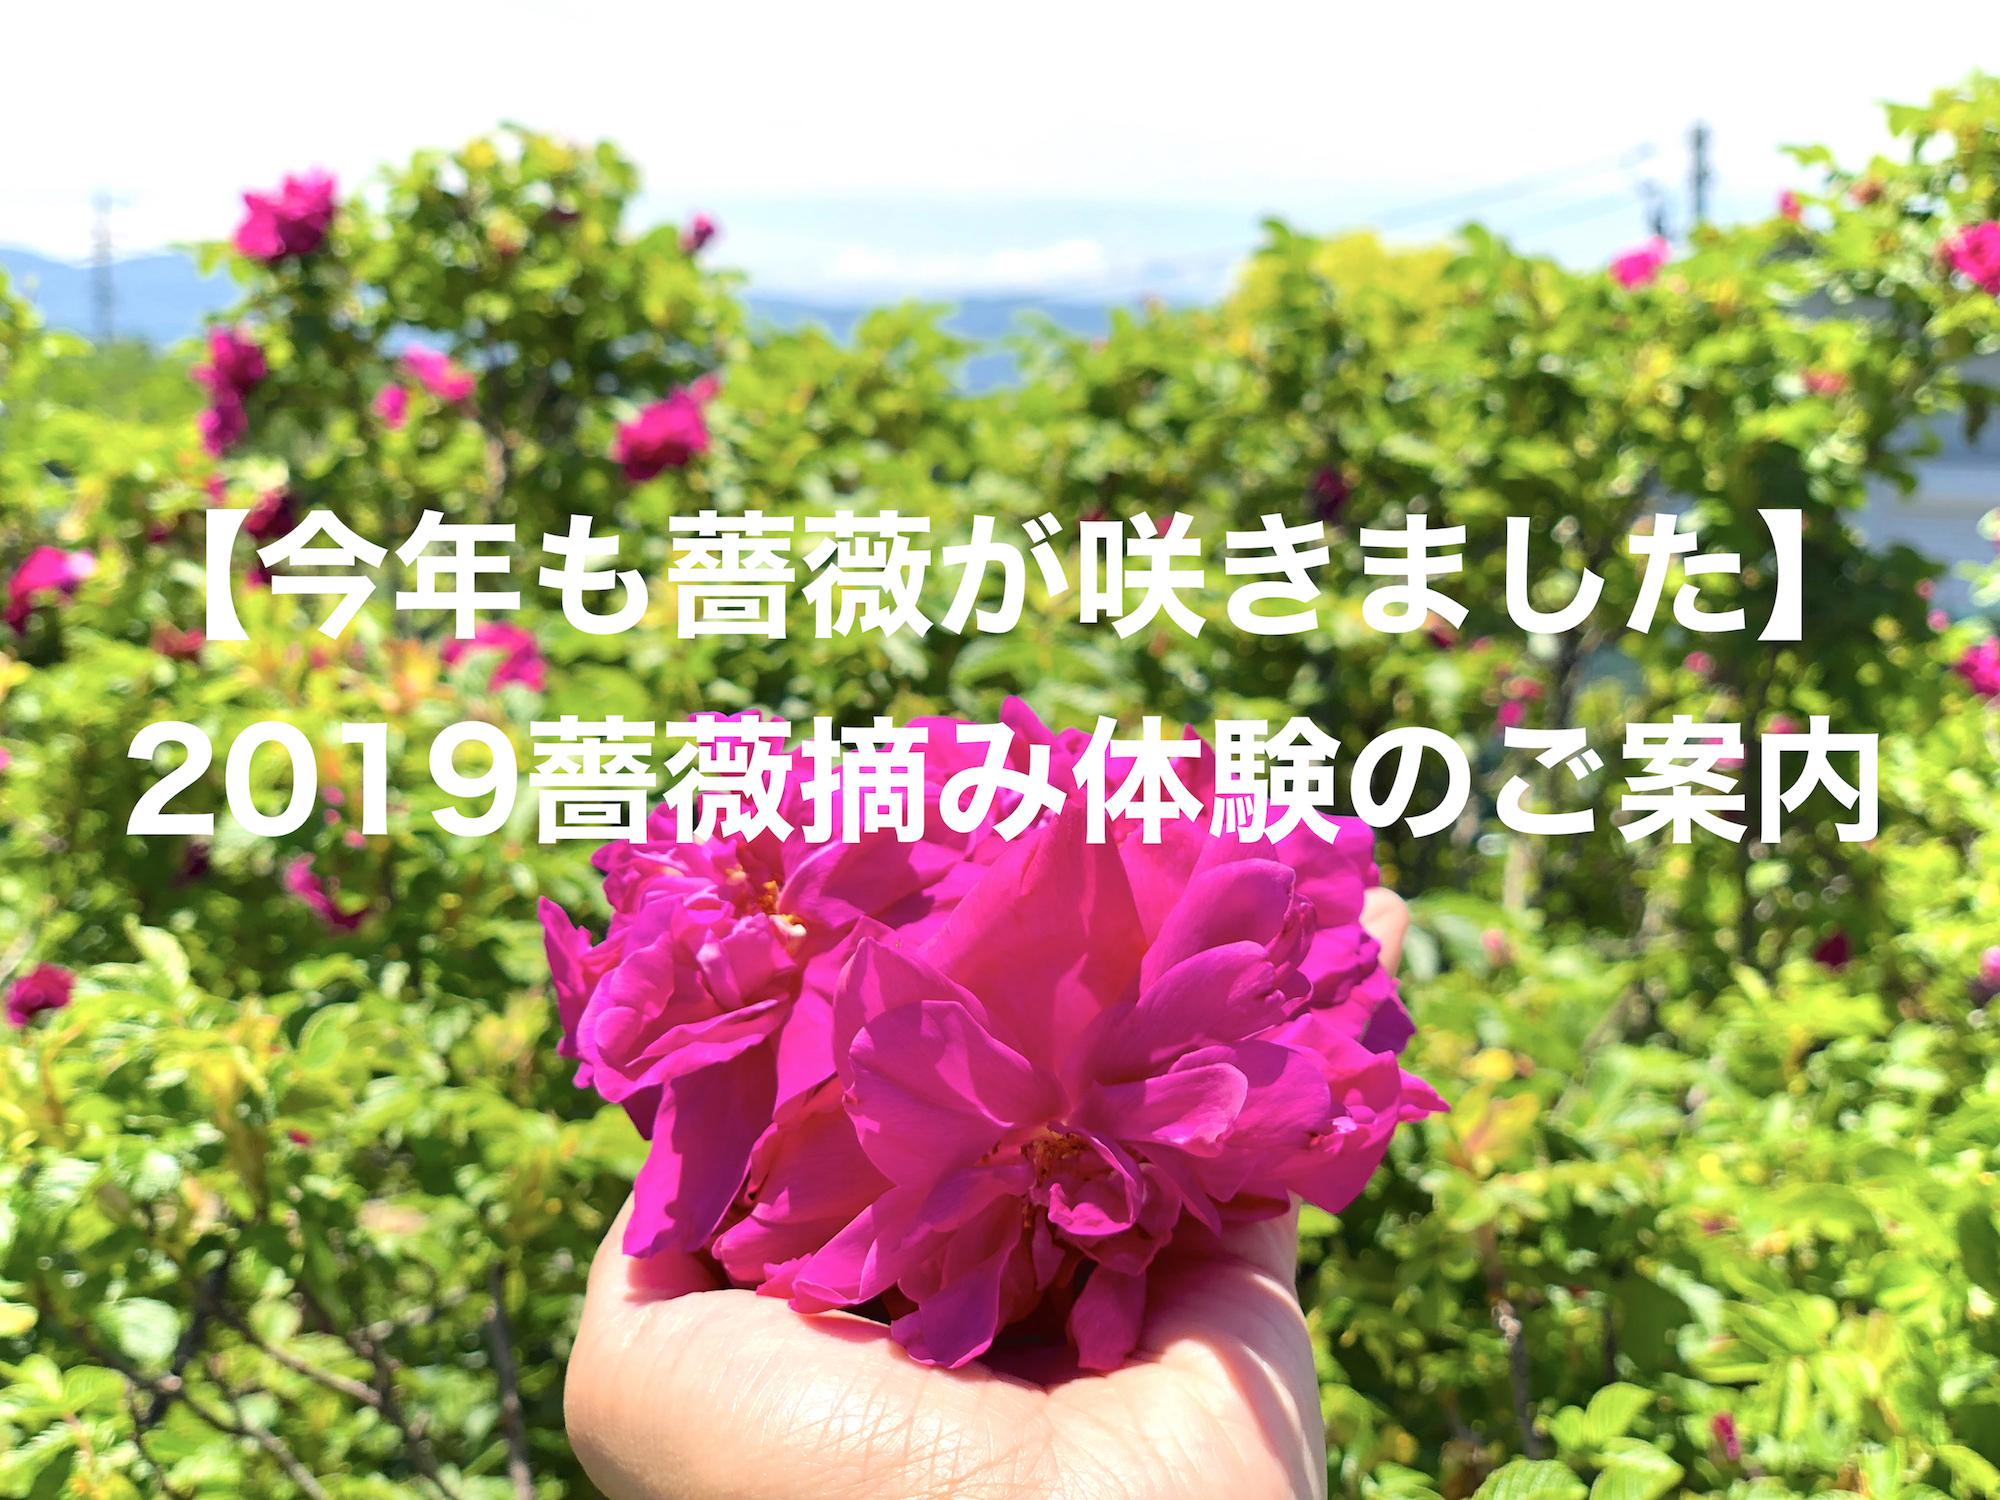 【2019年】長野蓼科農園での薔薇摘み体験のご案内